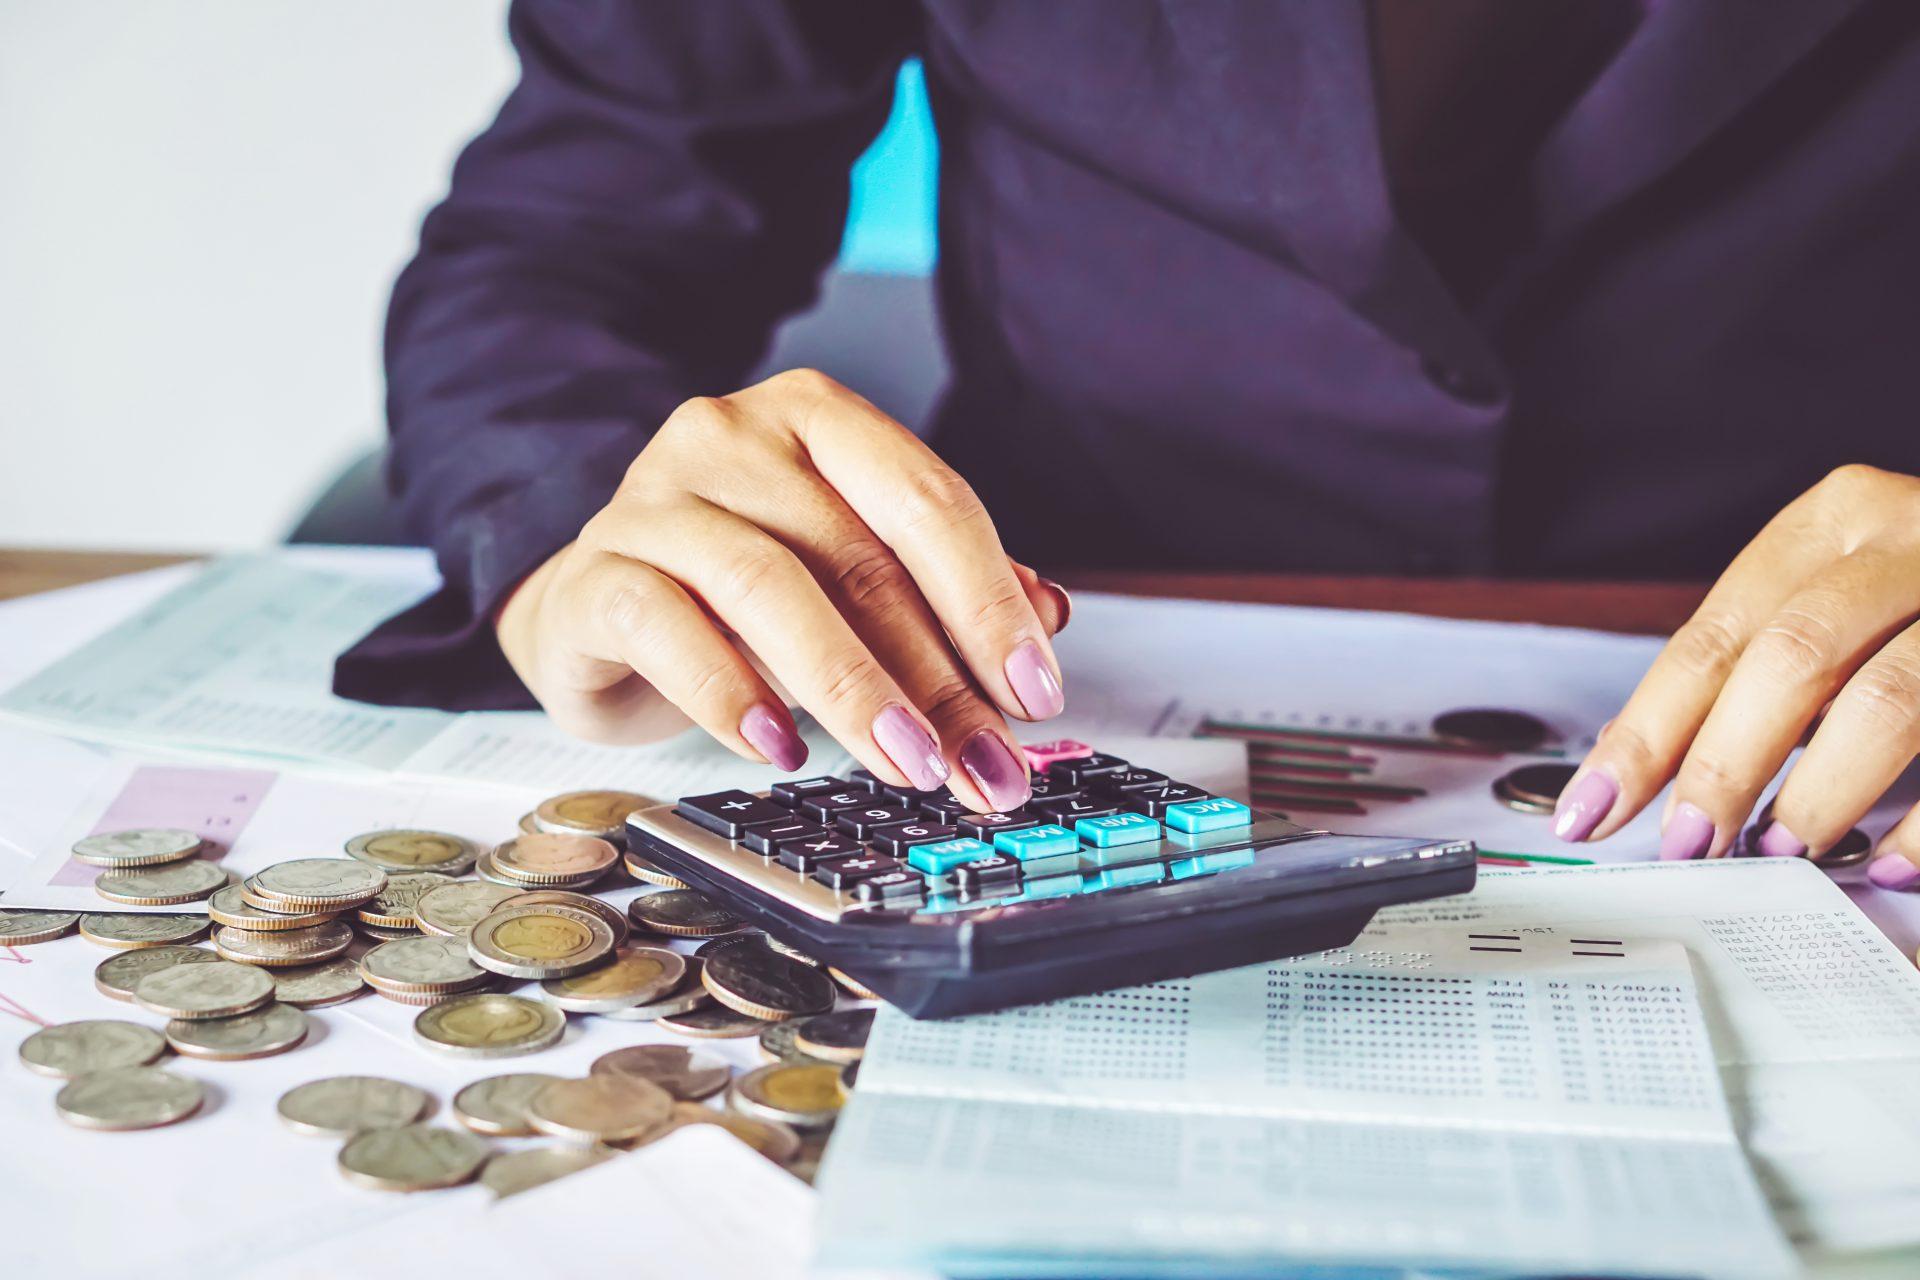 Incassokosten berekenen en wat zijn de wettelijke incassokosten in 2020?